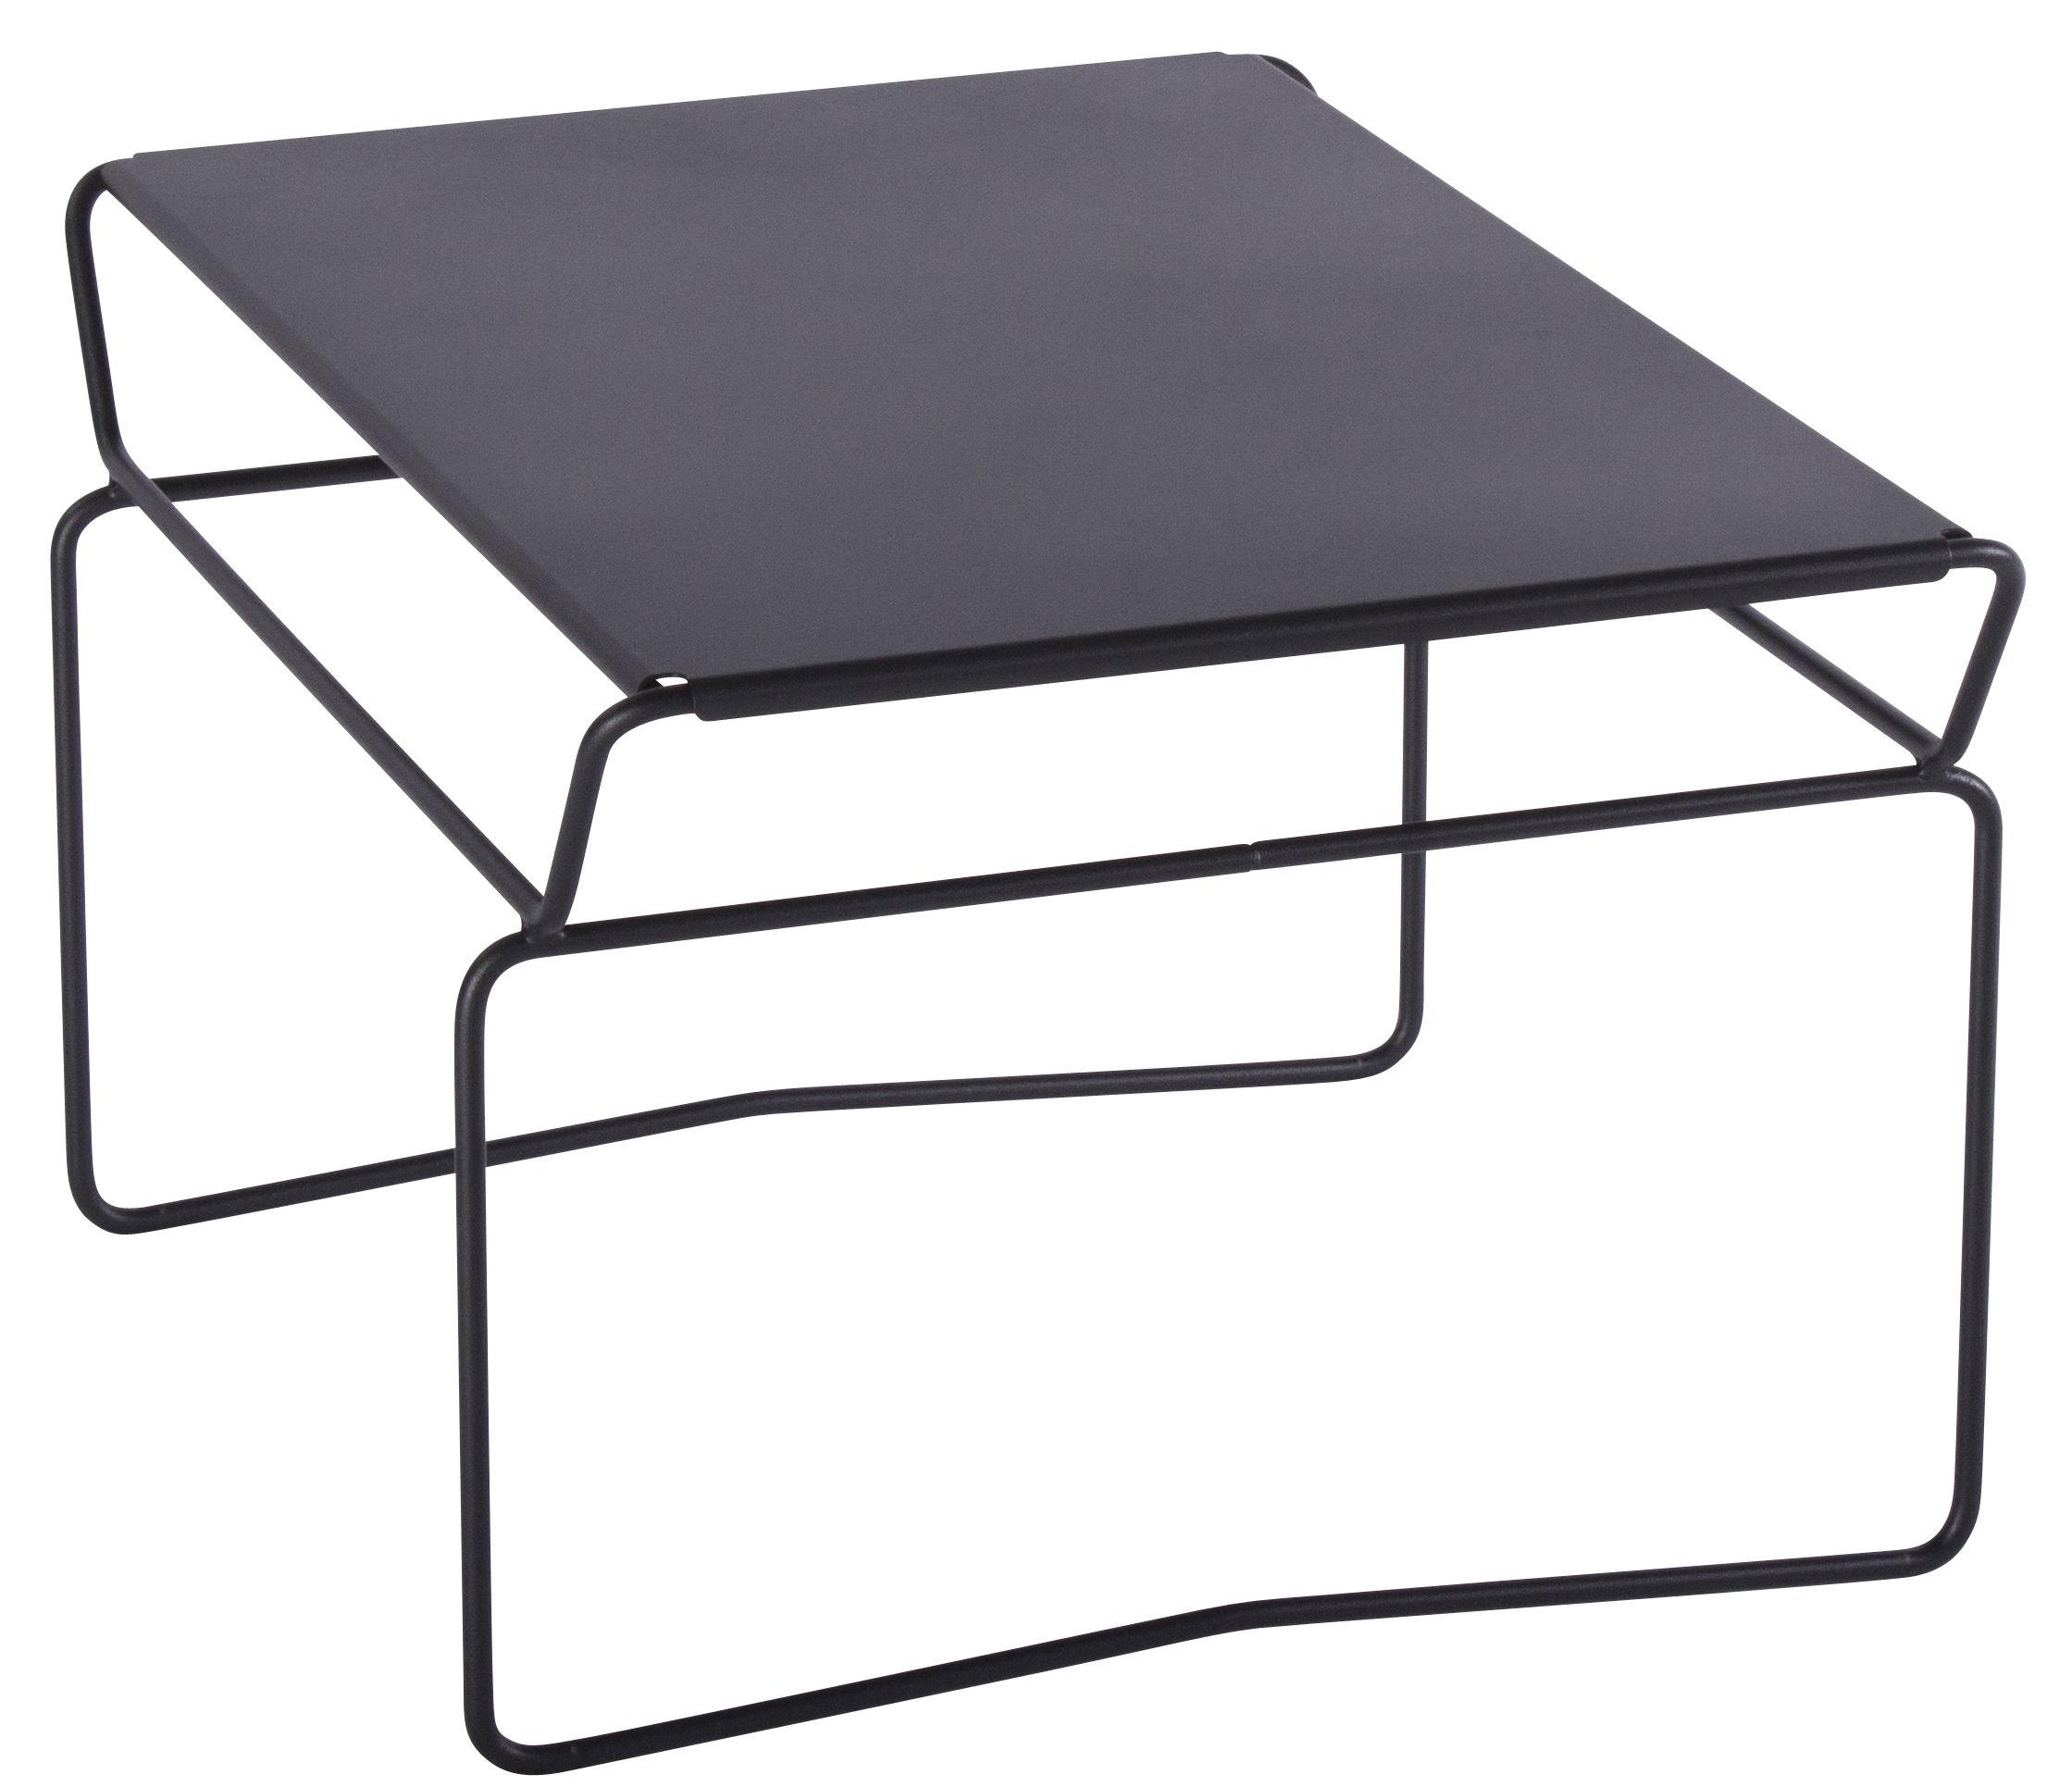 Mobilier - Tables basses - Table basse Fil Master / 65 x 53 cm - AA-New Design - Plateau Noir / Structure Noire - Acier laqué époxy